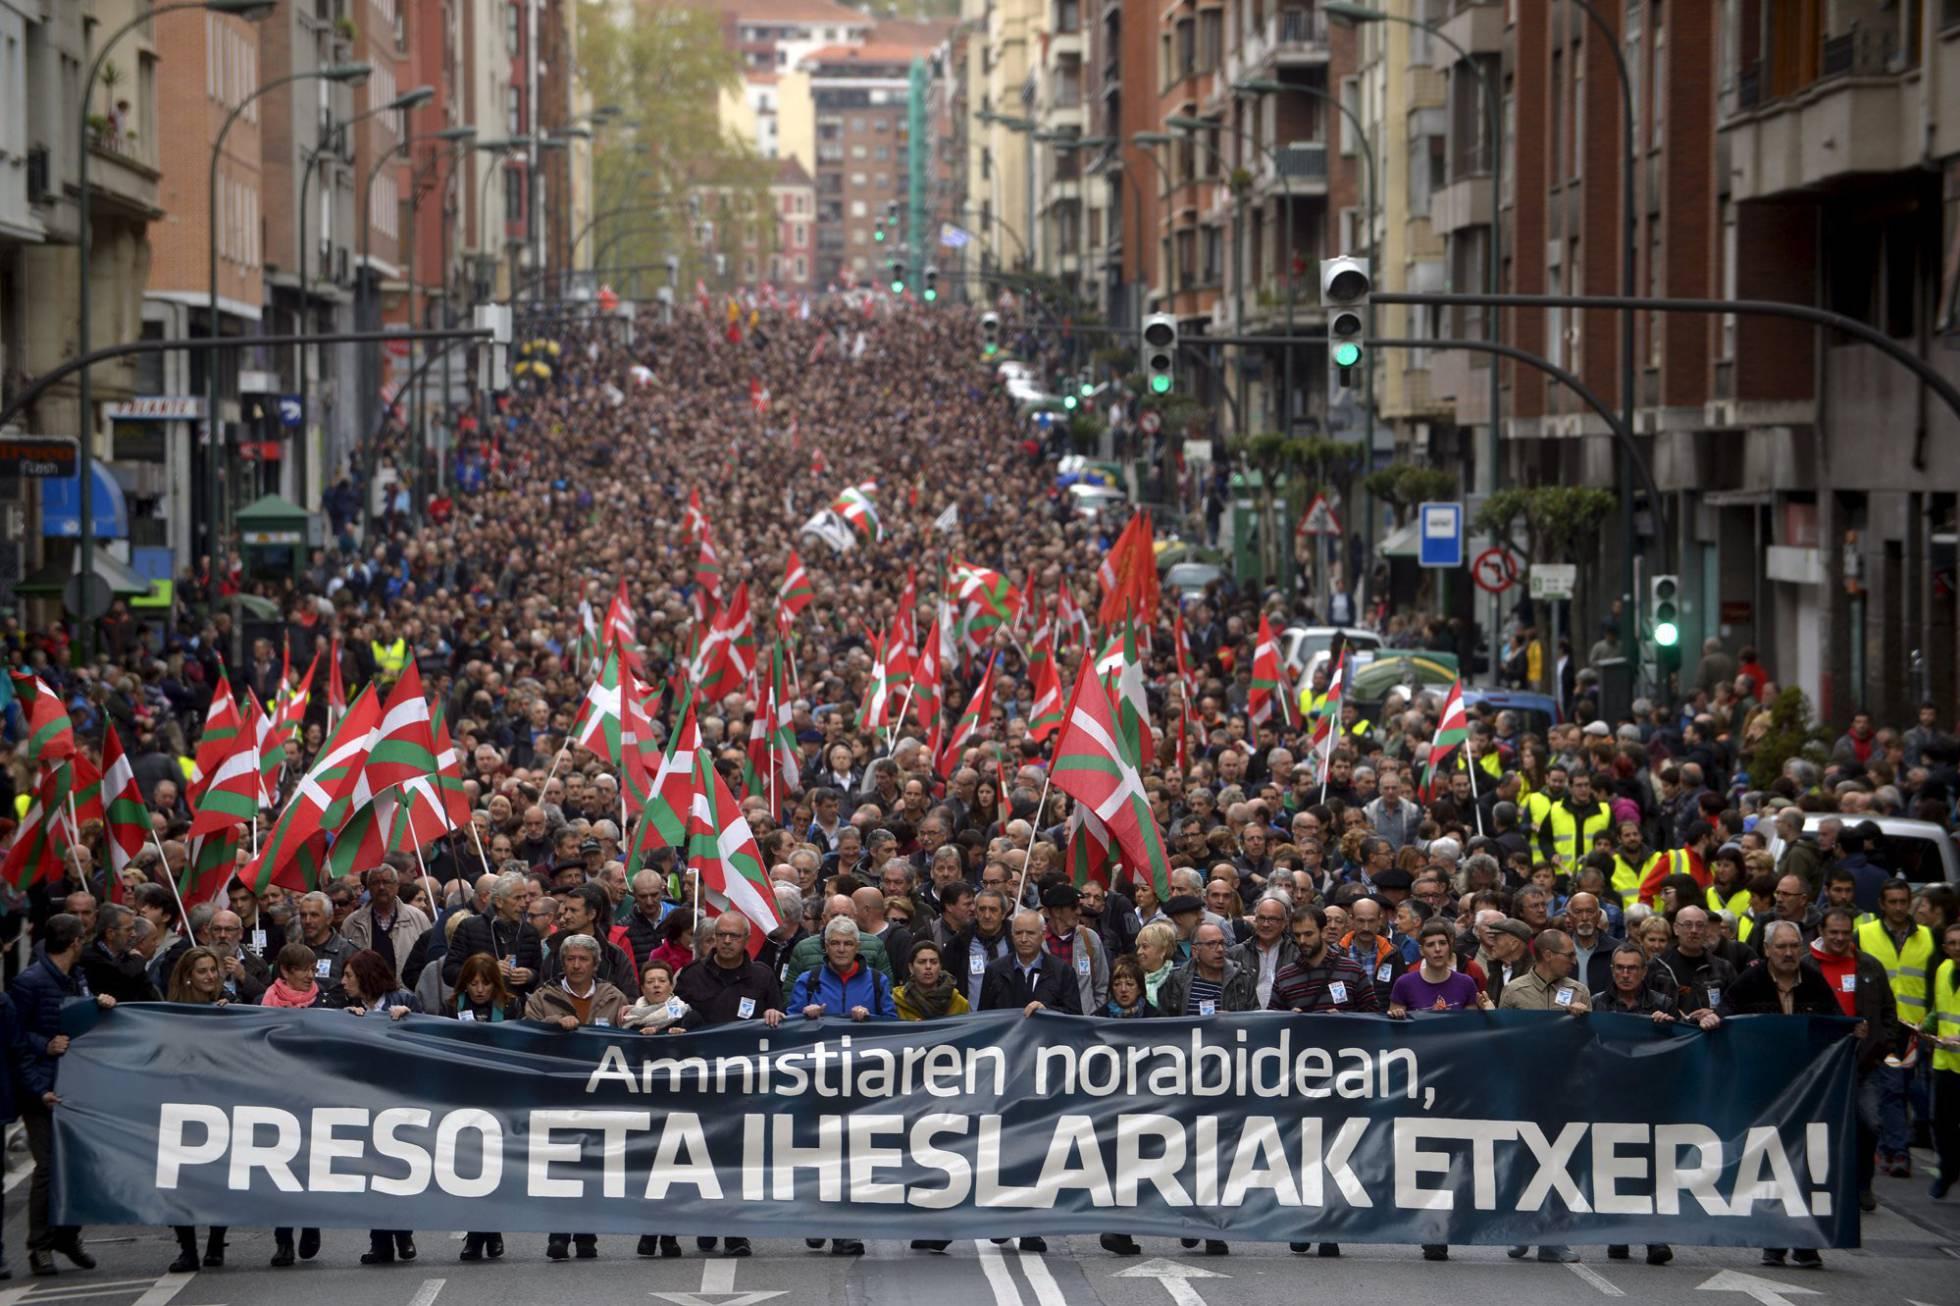 """Euskal Herria: Una multitud exige """"respeto a los derechos"""" de presos y exiliados. [vídeo] - Página 2 1460893458_890062_1460893558_noticia_normal_recorte1"""